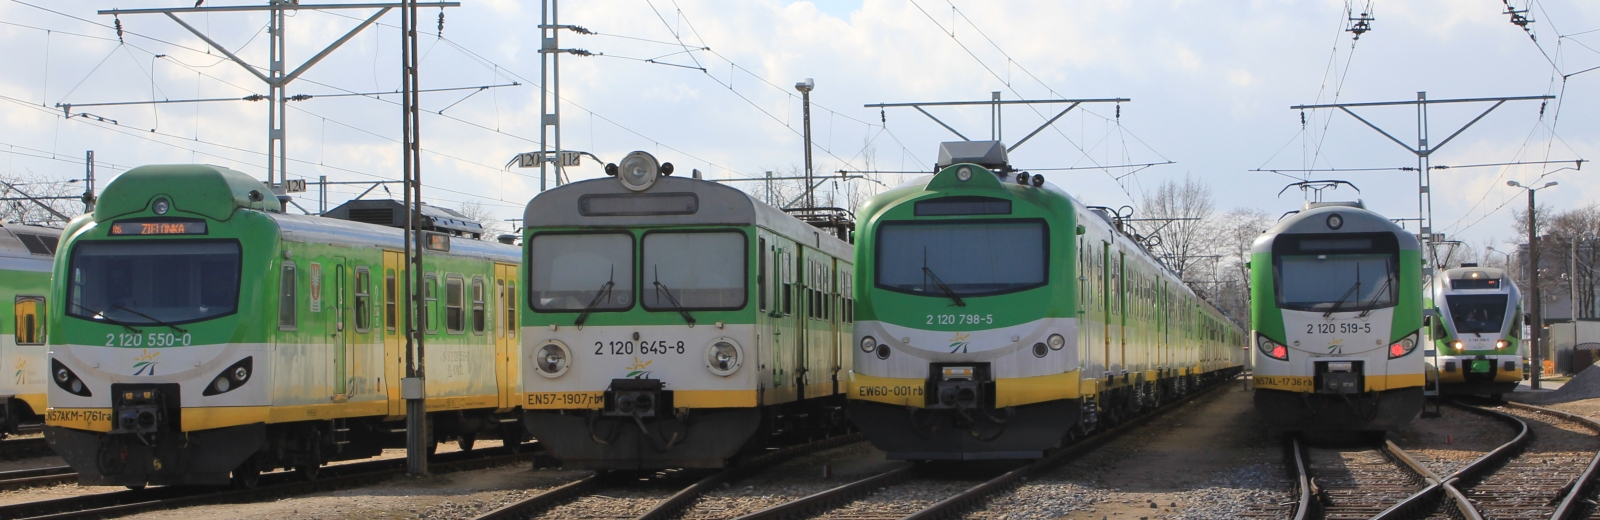 Zmiany w kursowaniu pociągów 2 maja oraz od 6 maja 2019 r.